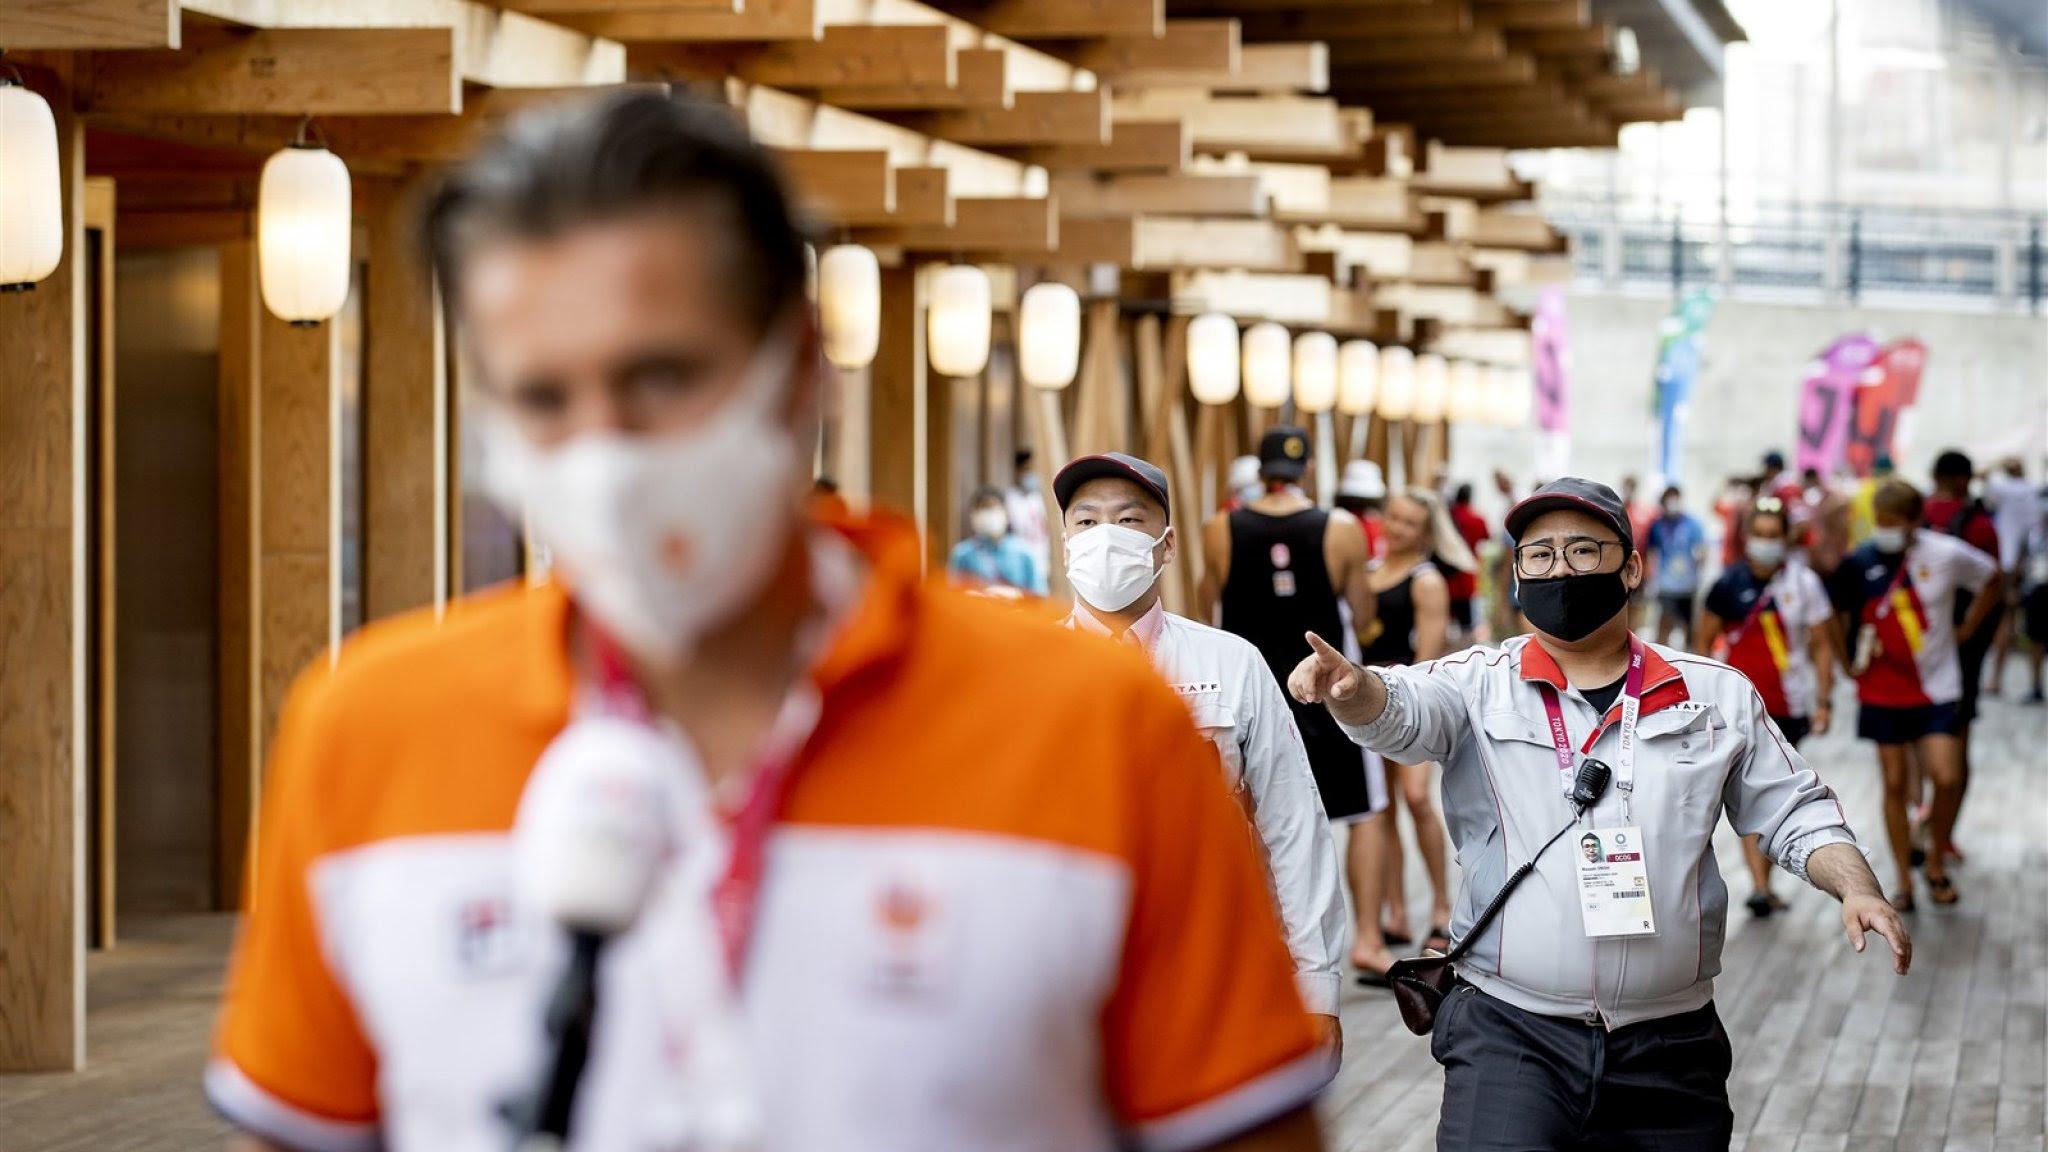 Coronagevallen olympische sportploeg zaten in zelfde vliegtuig